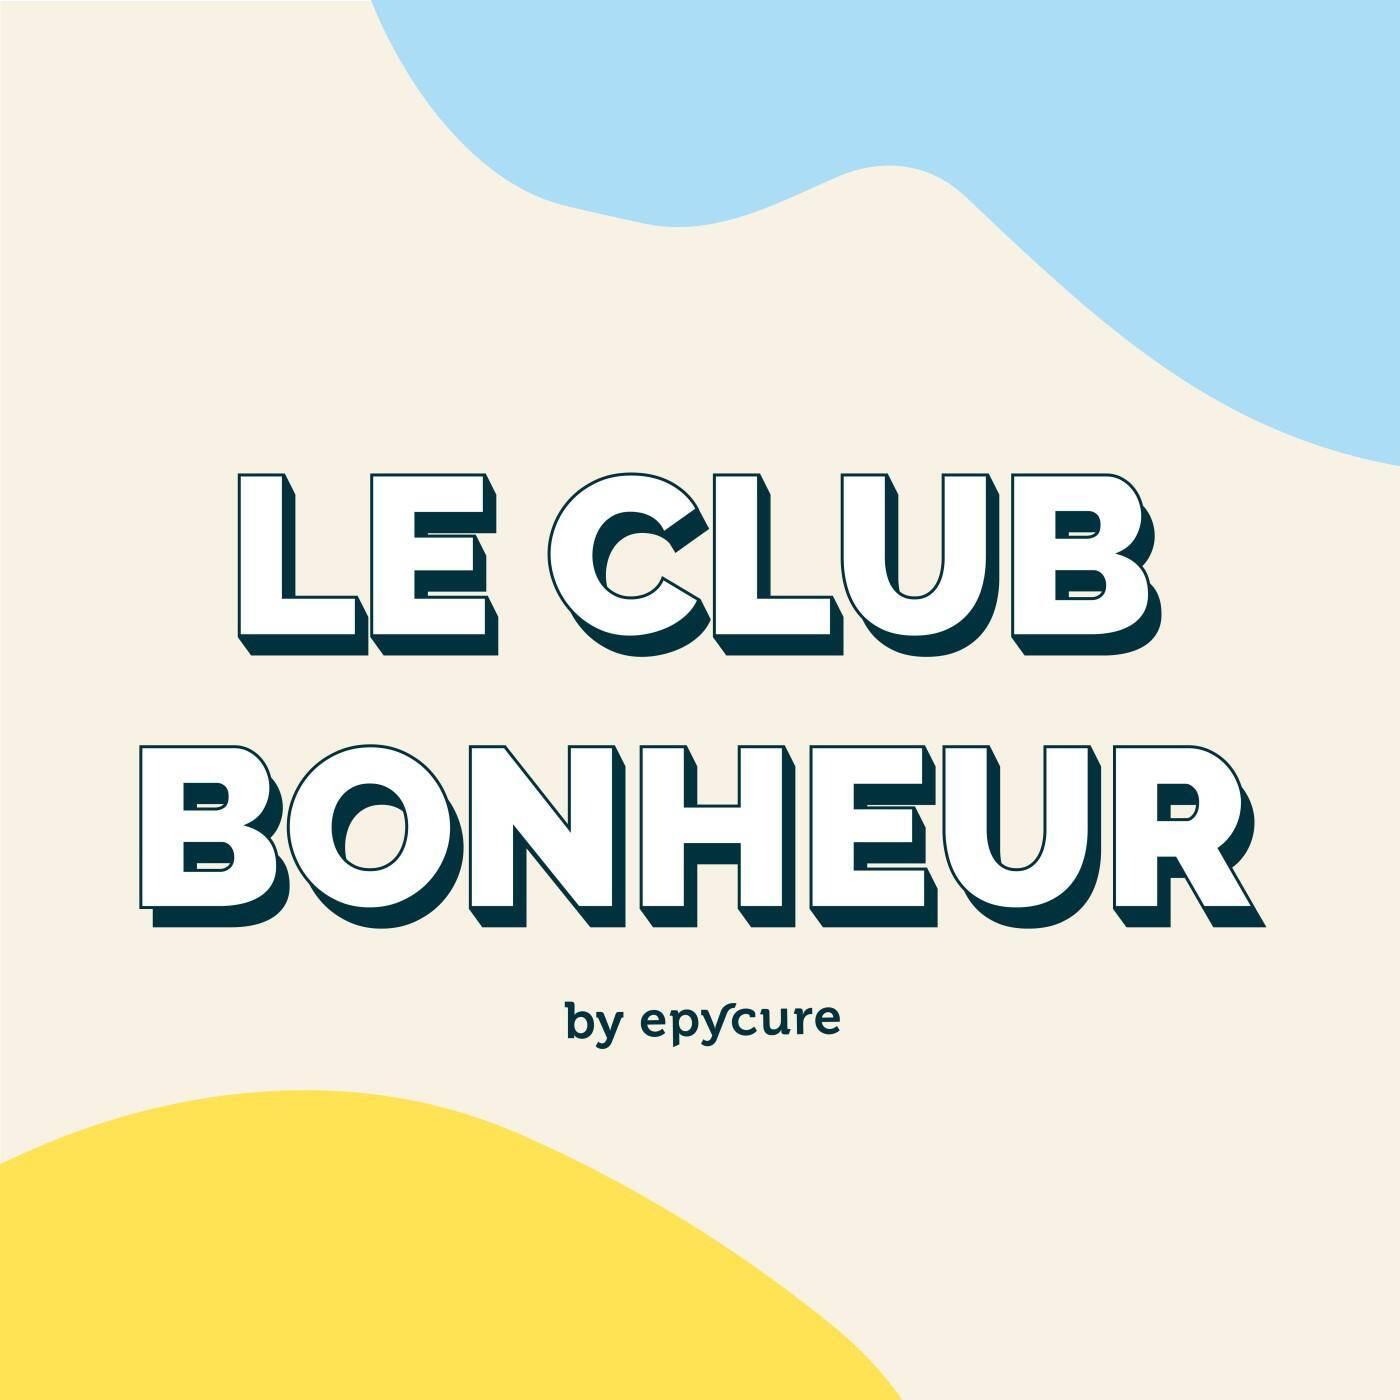 Le podcast Club Bonheur by Epycure reçoit Yoann MOËSS, hypnothérapeute spécialiste des dépendances sur Paris 11. Arrêter de fumer avec l'hypnose (cigarette, vapoteuse, cannabis...), c'est possible. On vous explique tout pour comprendre comment l'hypnothérapie vous aide à dire stop au tabac.